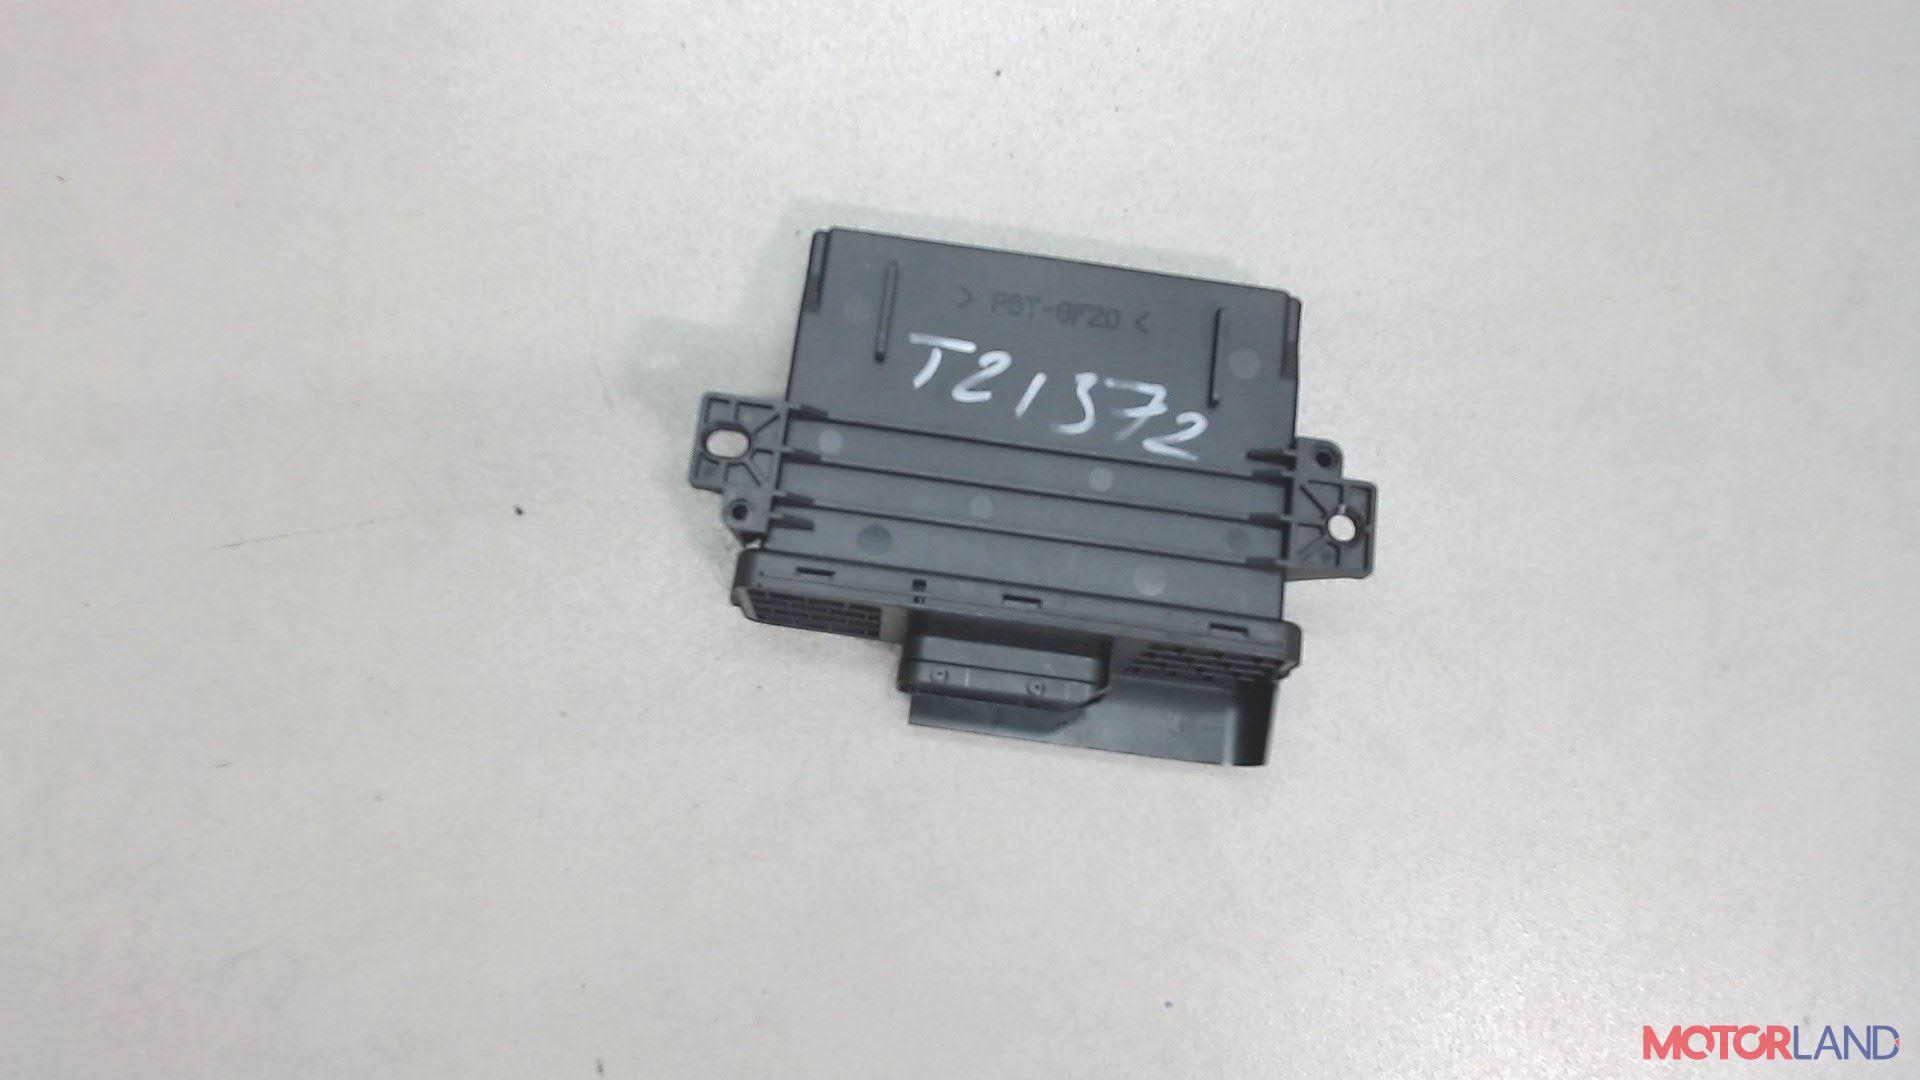 Блок управления (ЭБУ) Audi A6 (C6) 2005-2011 2 л. 2009 CAGB б/у #1